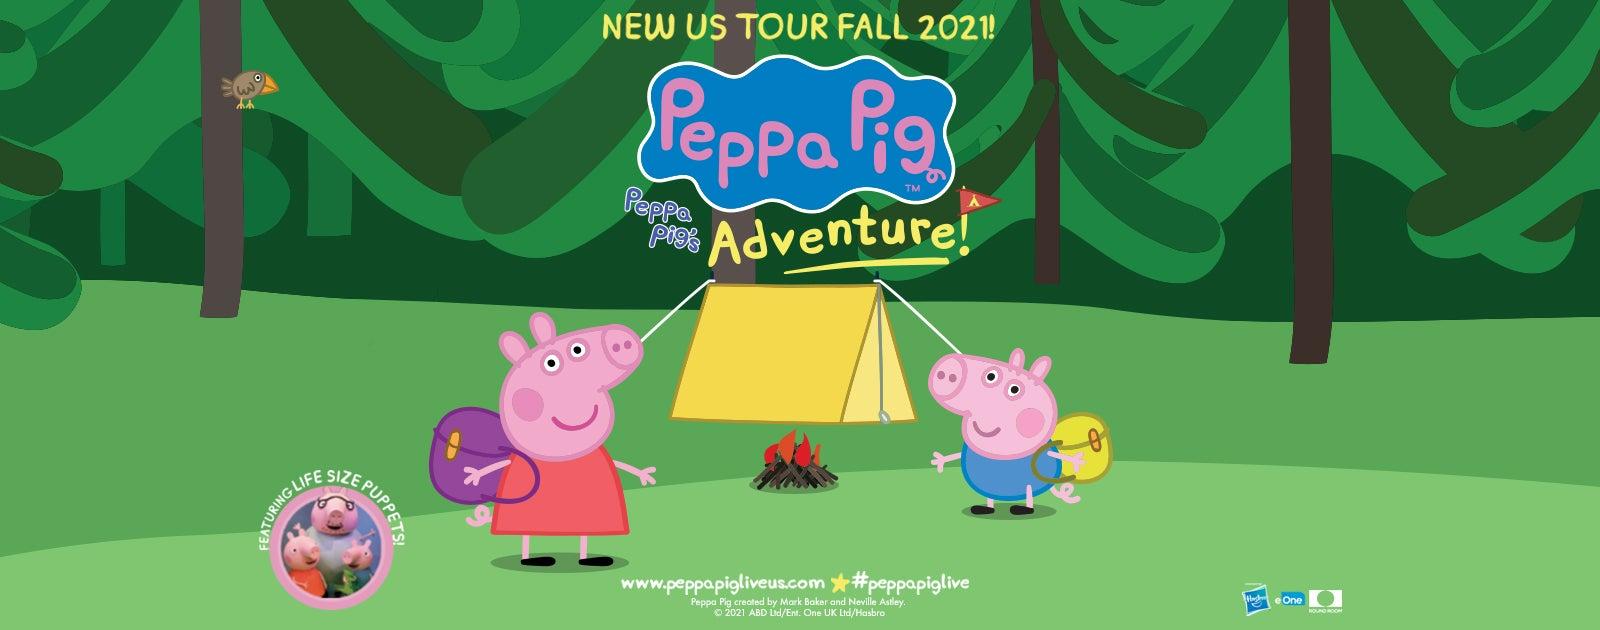 POSTPONED - Peppa Pig Live! Peppa Pig's Adventure